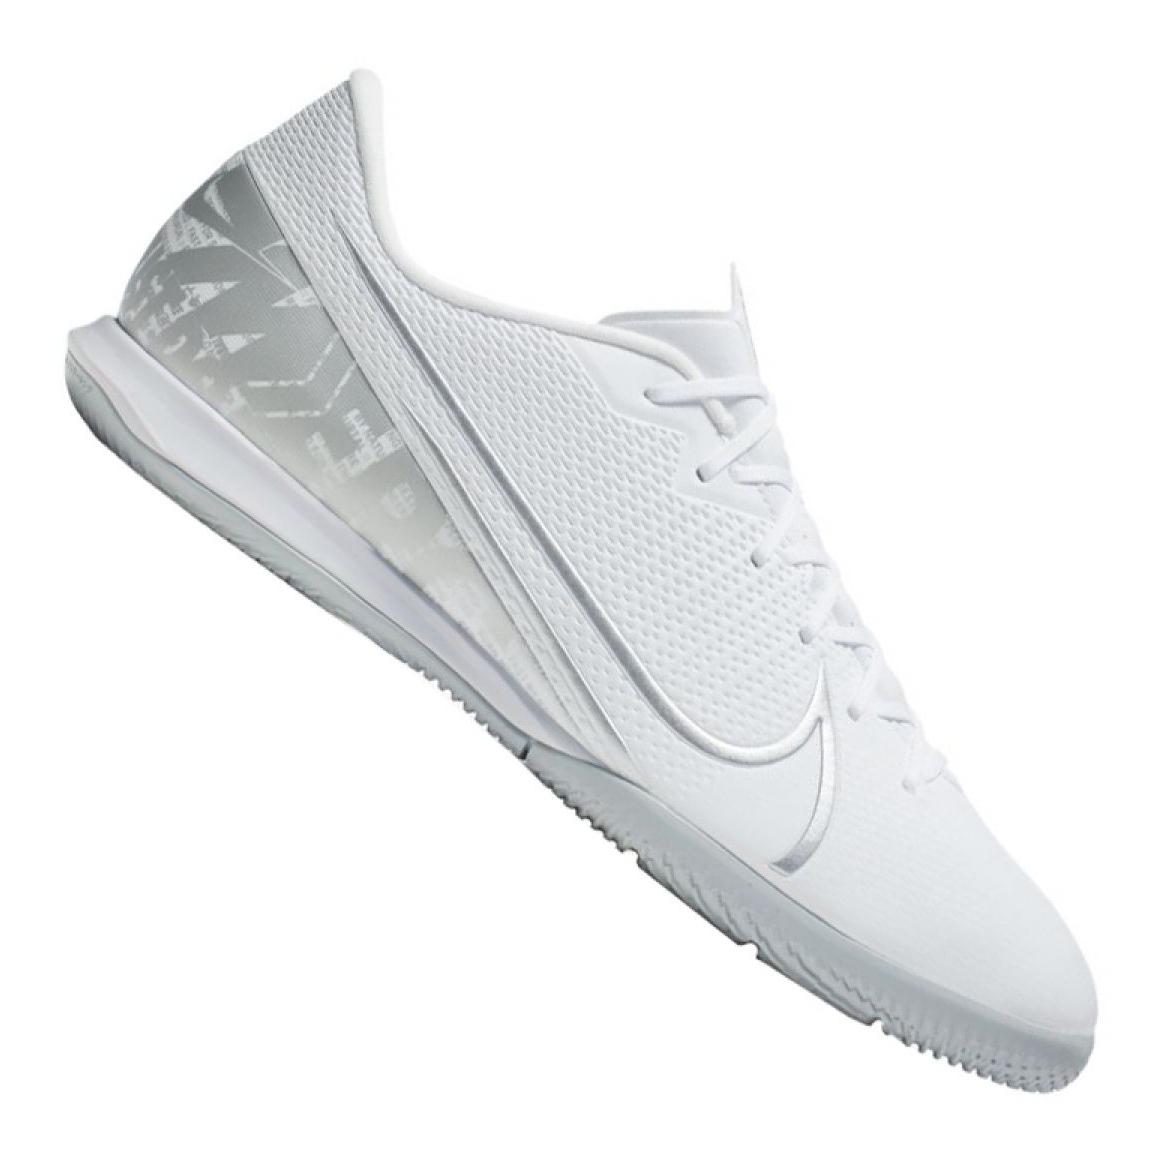 Hallenschuhe Nike Vapor 13 Academy Ic M At7993 100 Weiss Weiss